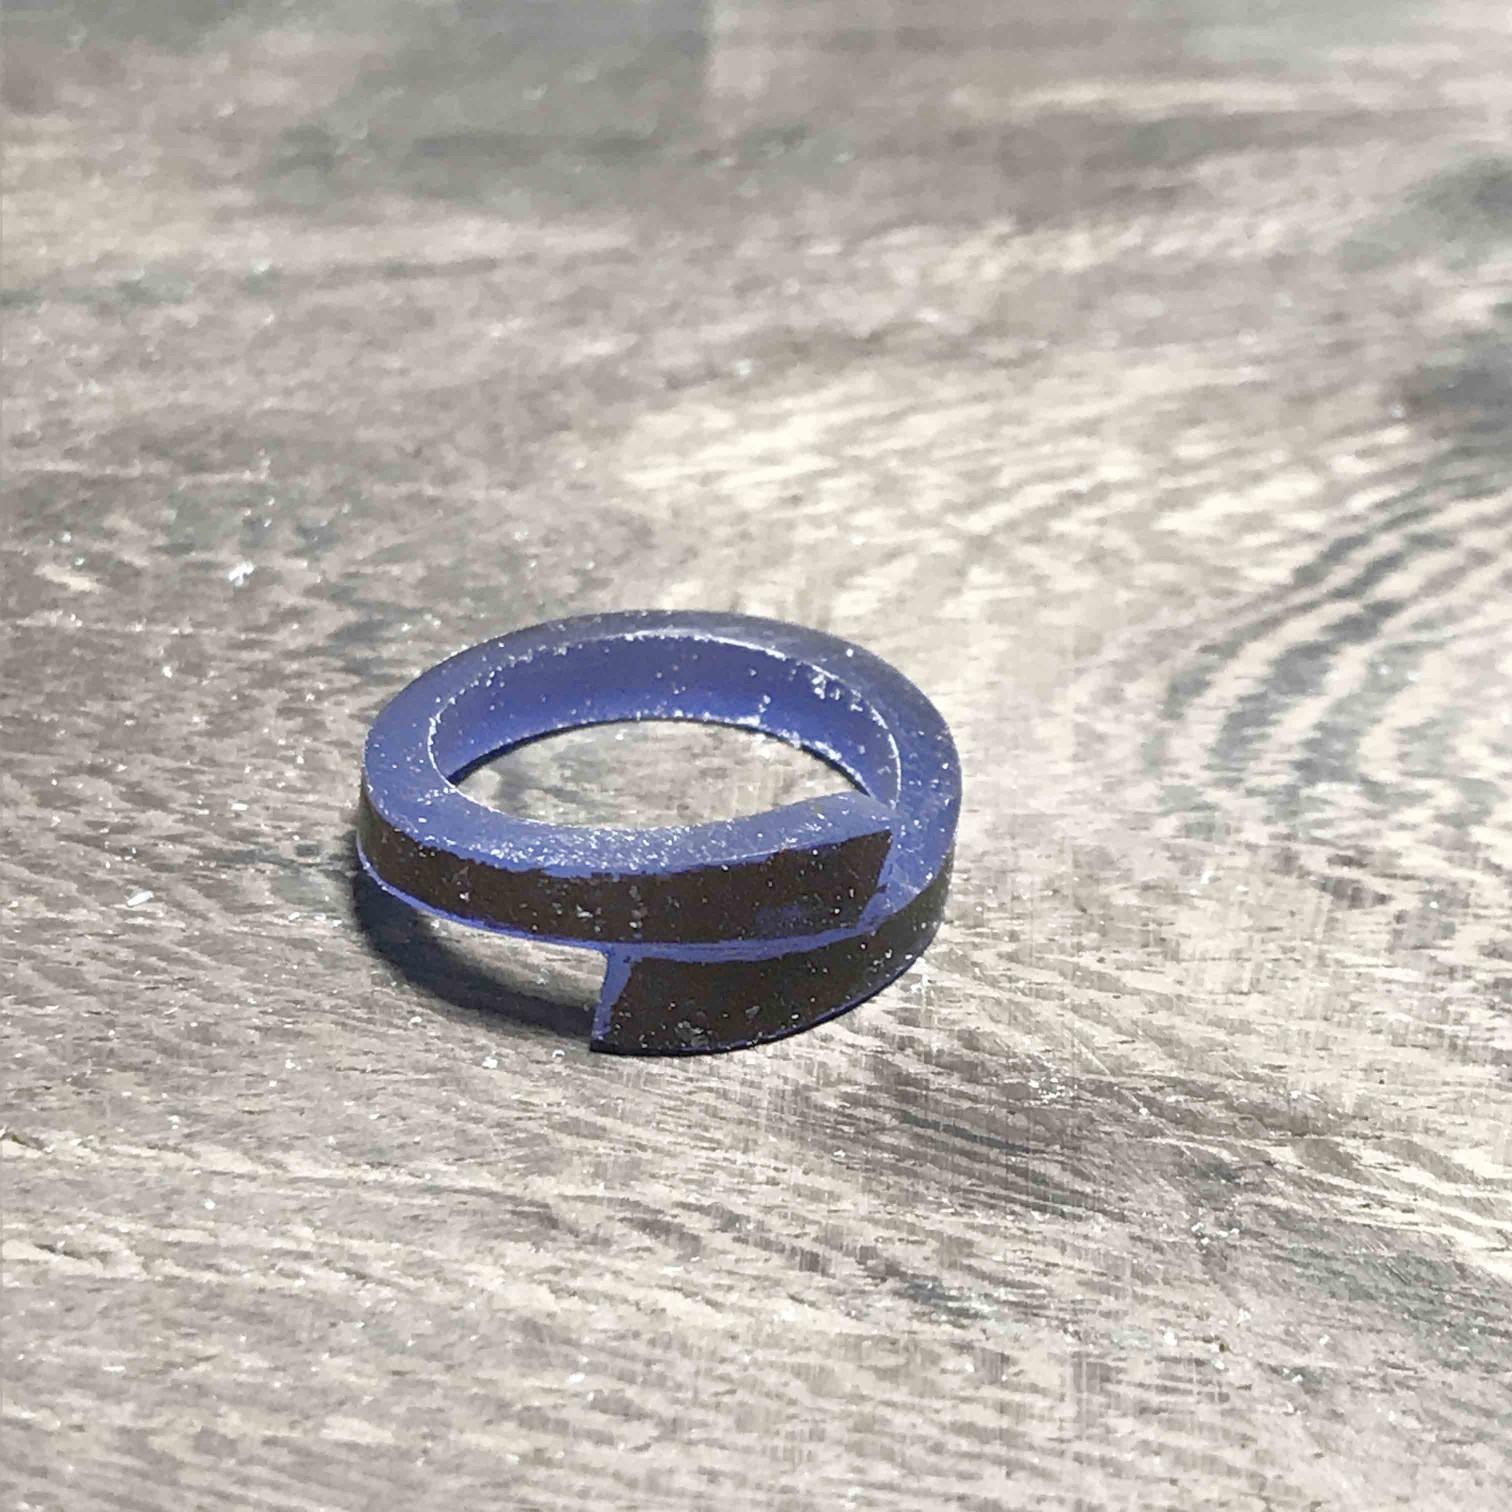 Chia Jewelry婚戒 訂製婚戒 訂製對戒 客製化婚戒 客製化對戒 客製化鑽戒 婚戒設計 對戒設計 鑽戒 客製化鑽戒